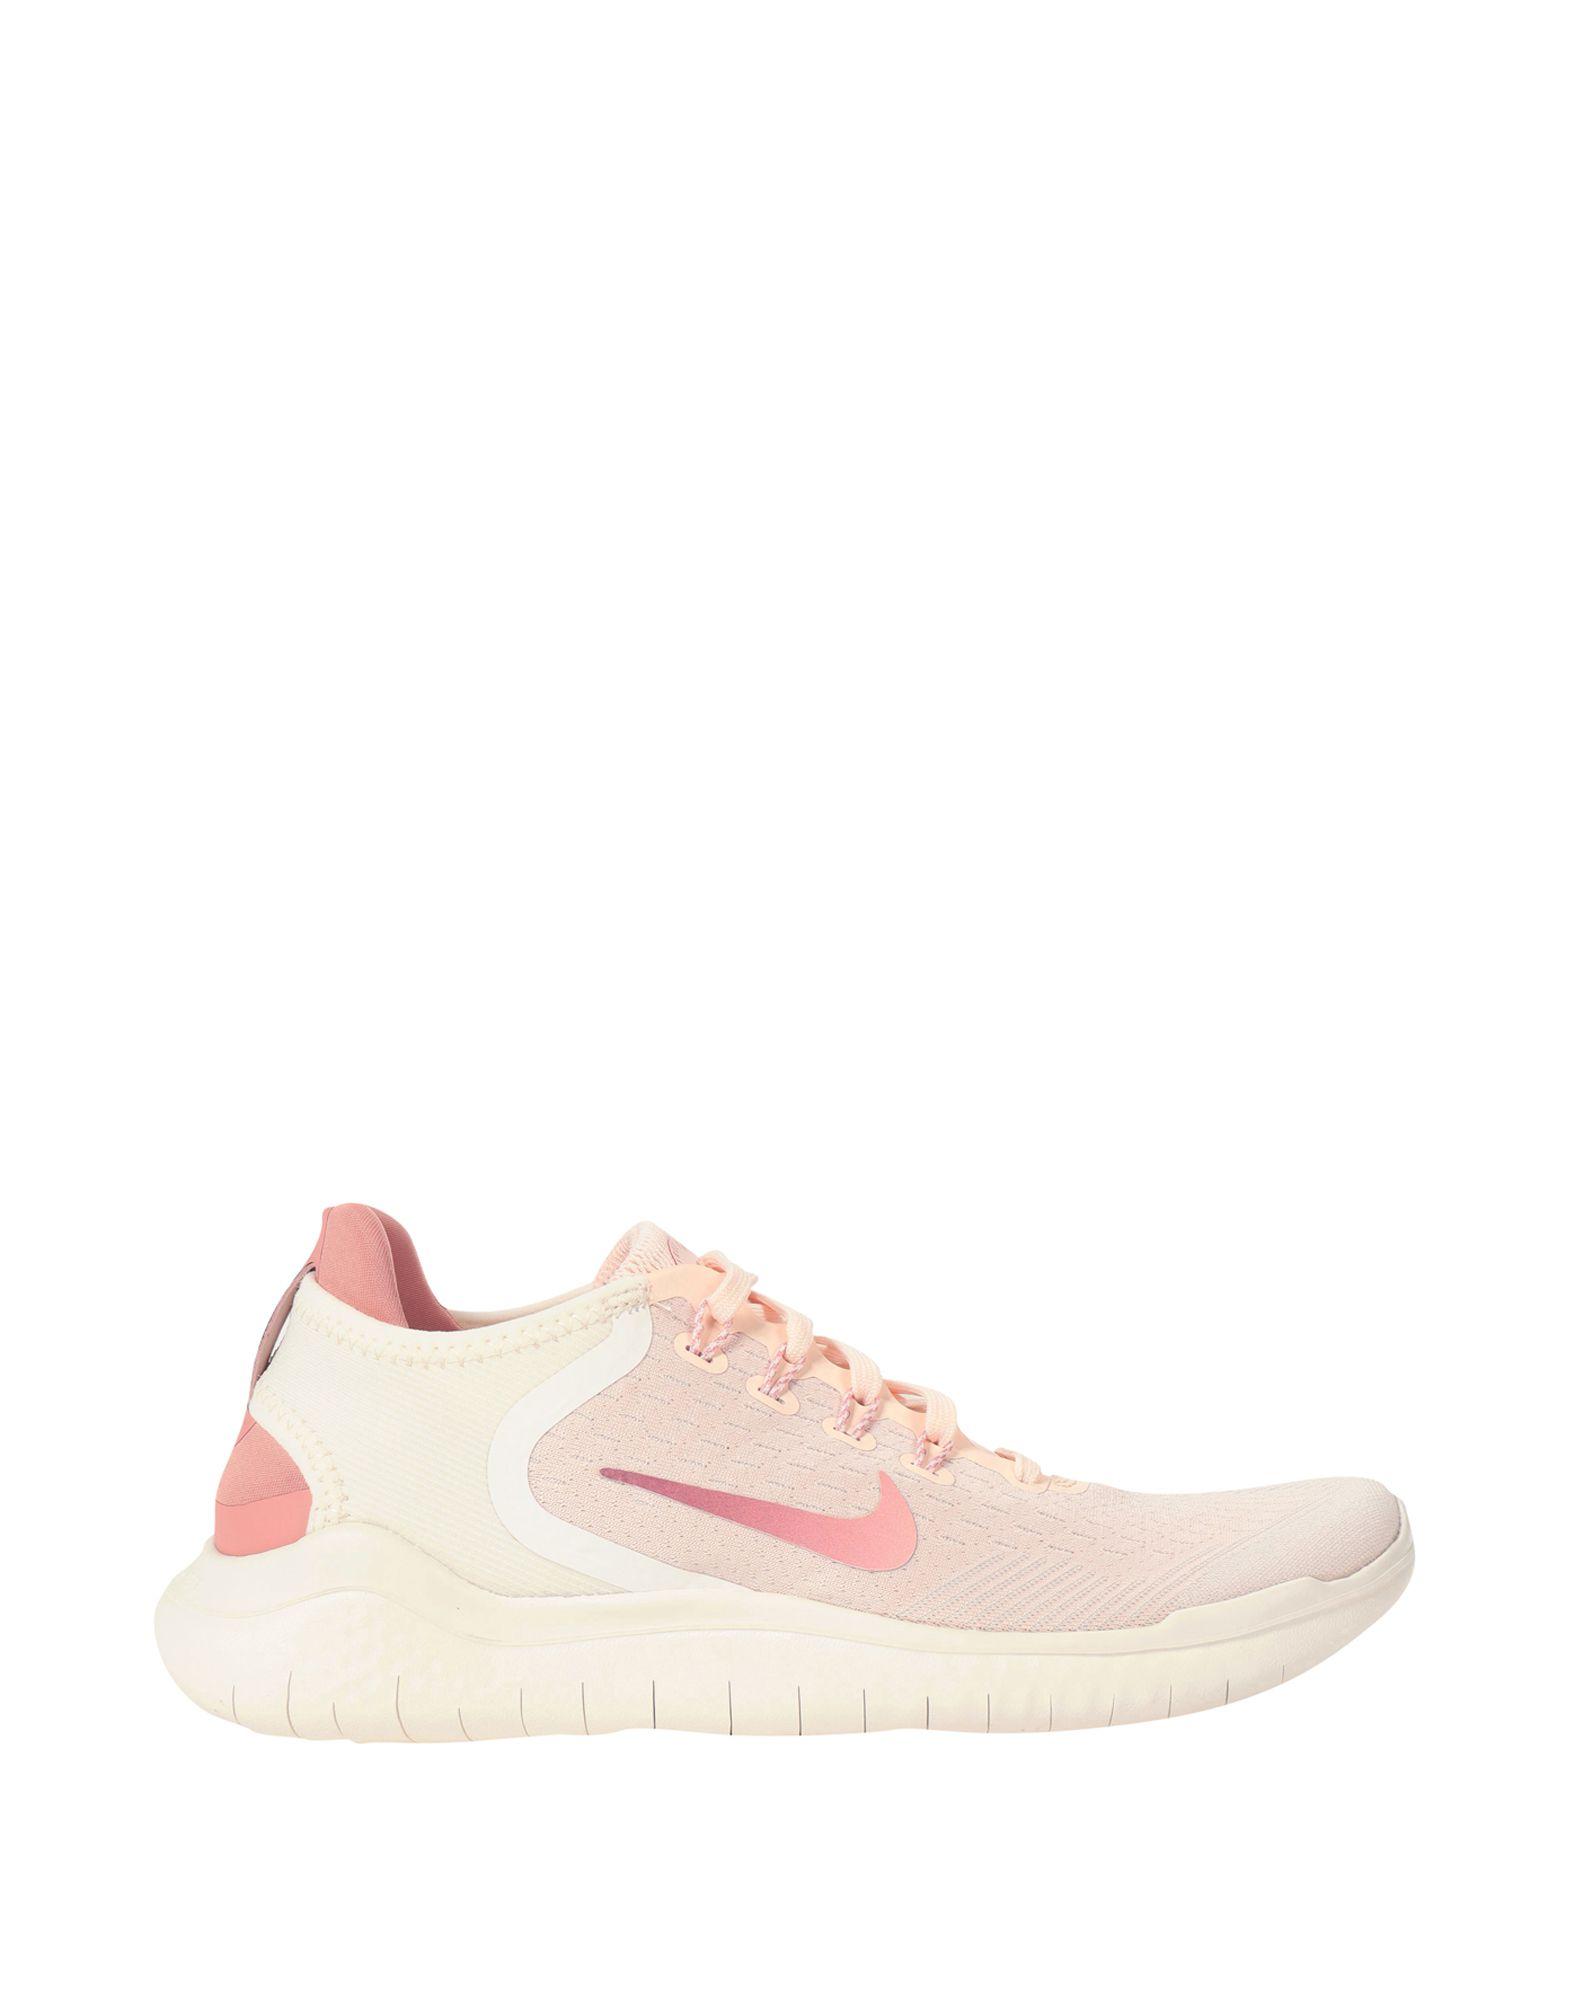 Gut Free um billige Schuhe zu tragenNike  Free Gut Rn 2018  11543388QW 4d9990